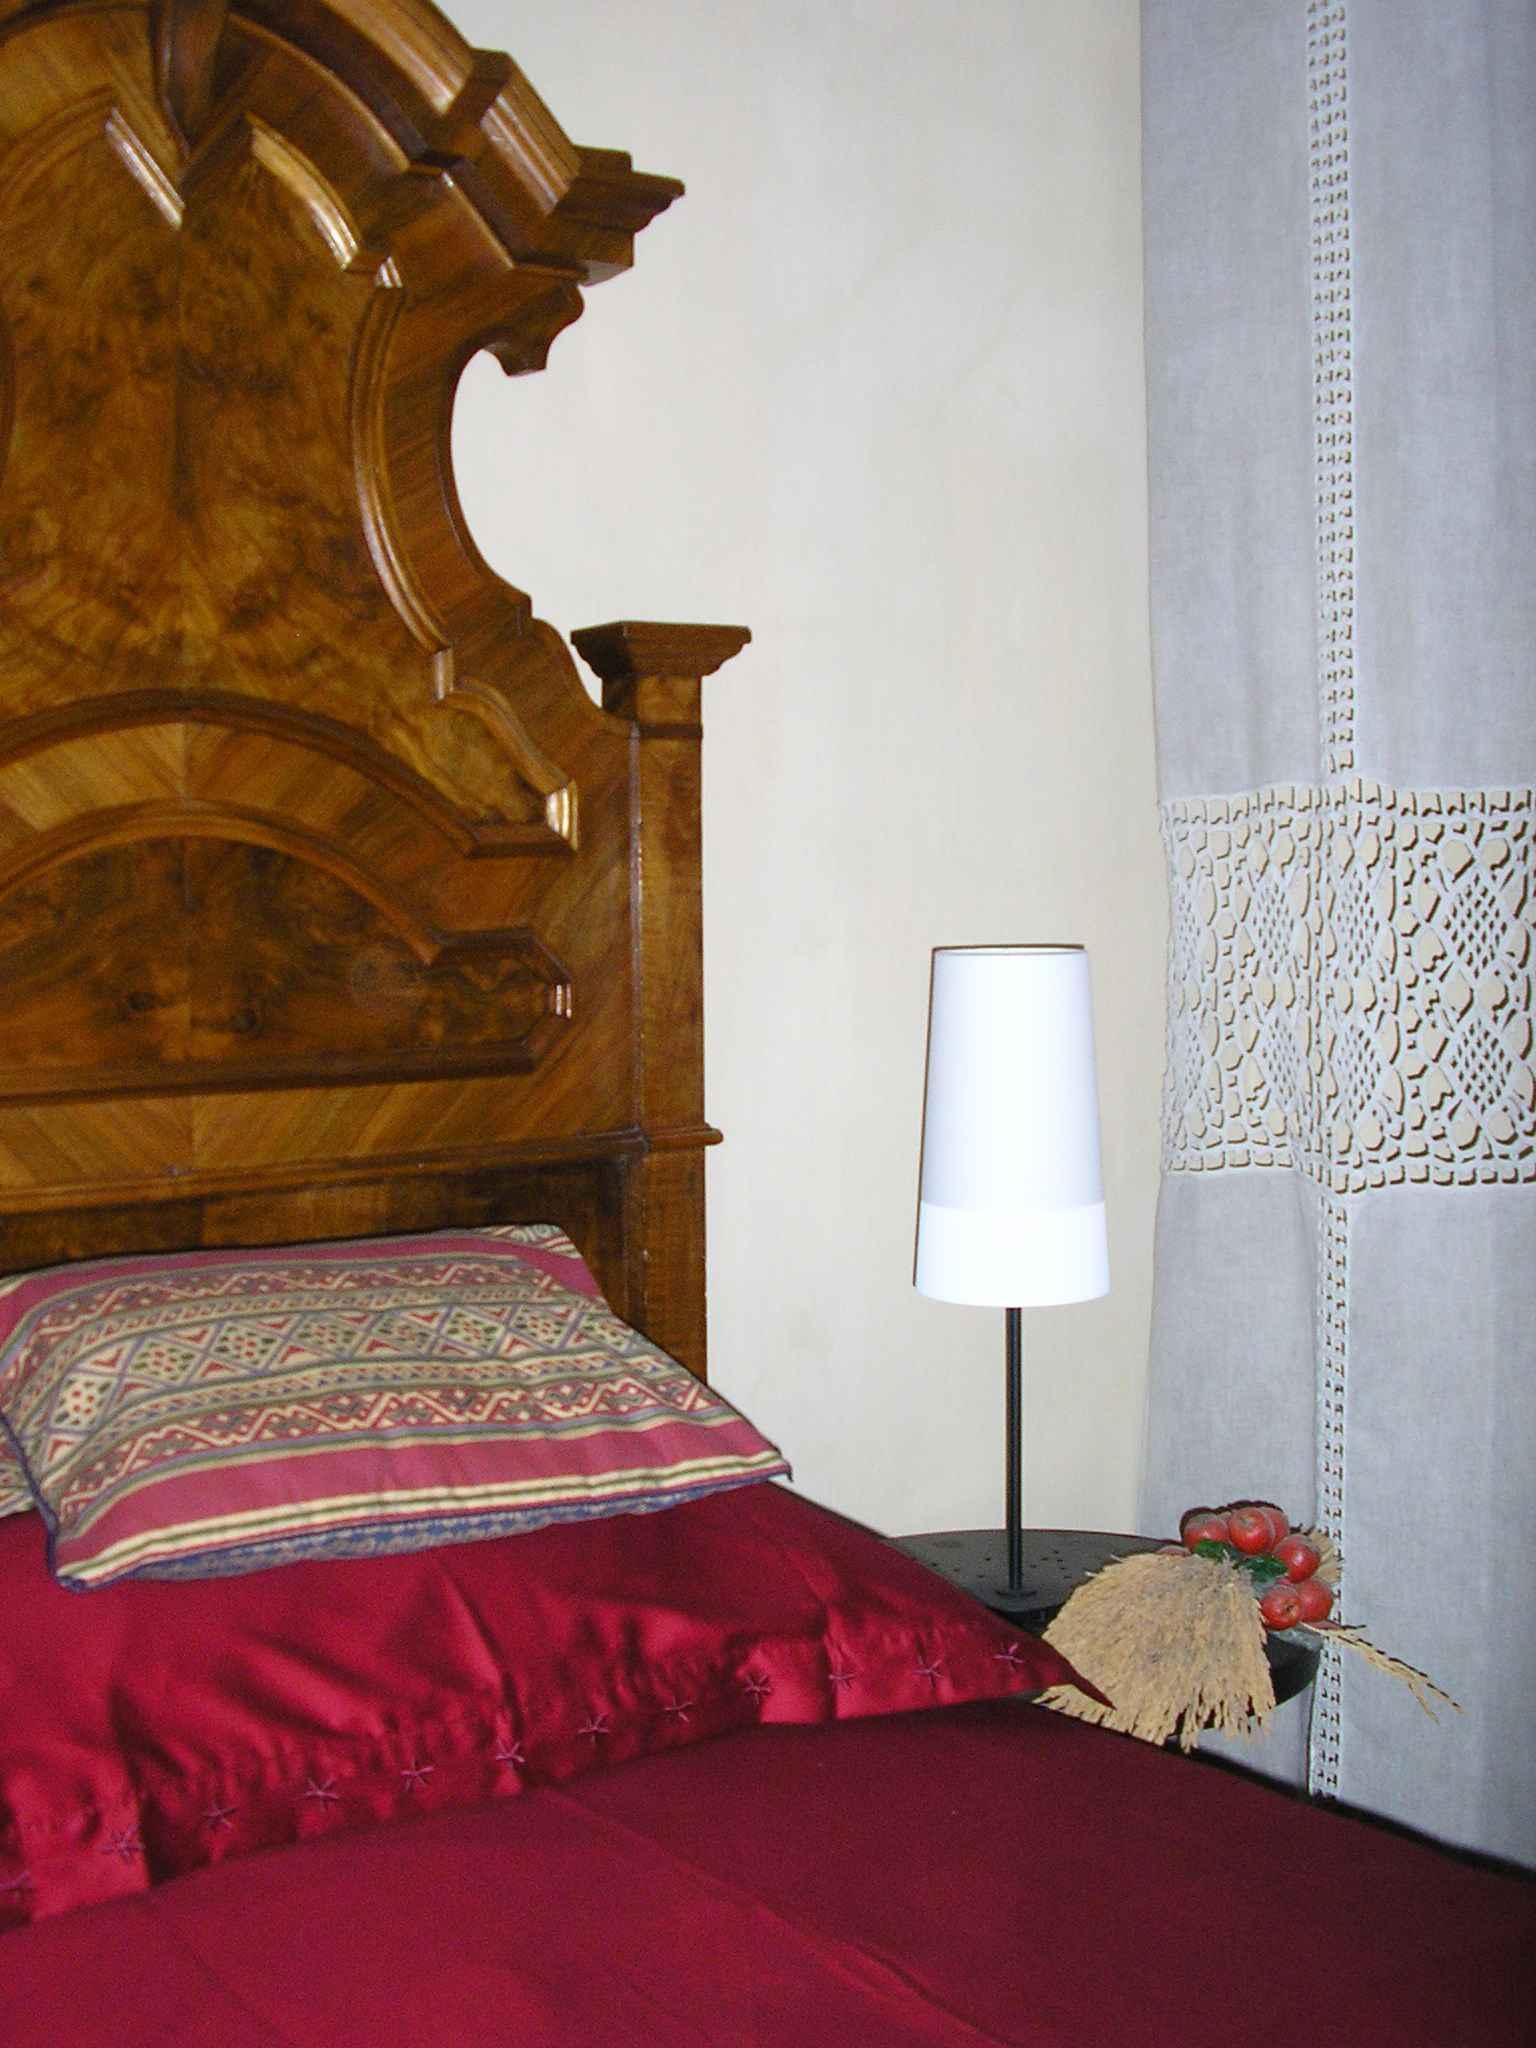 Ferienwohnung mit antiken Möbeln (308921), Portacomaro, Asti, Piemont, Italien, Bild 10